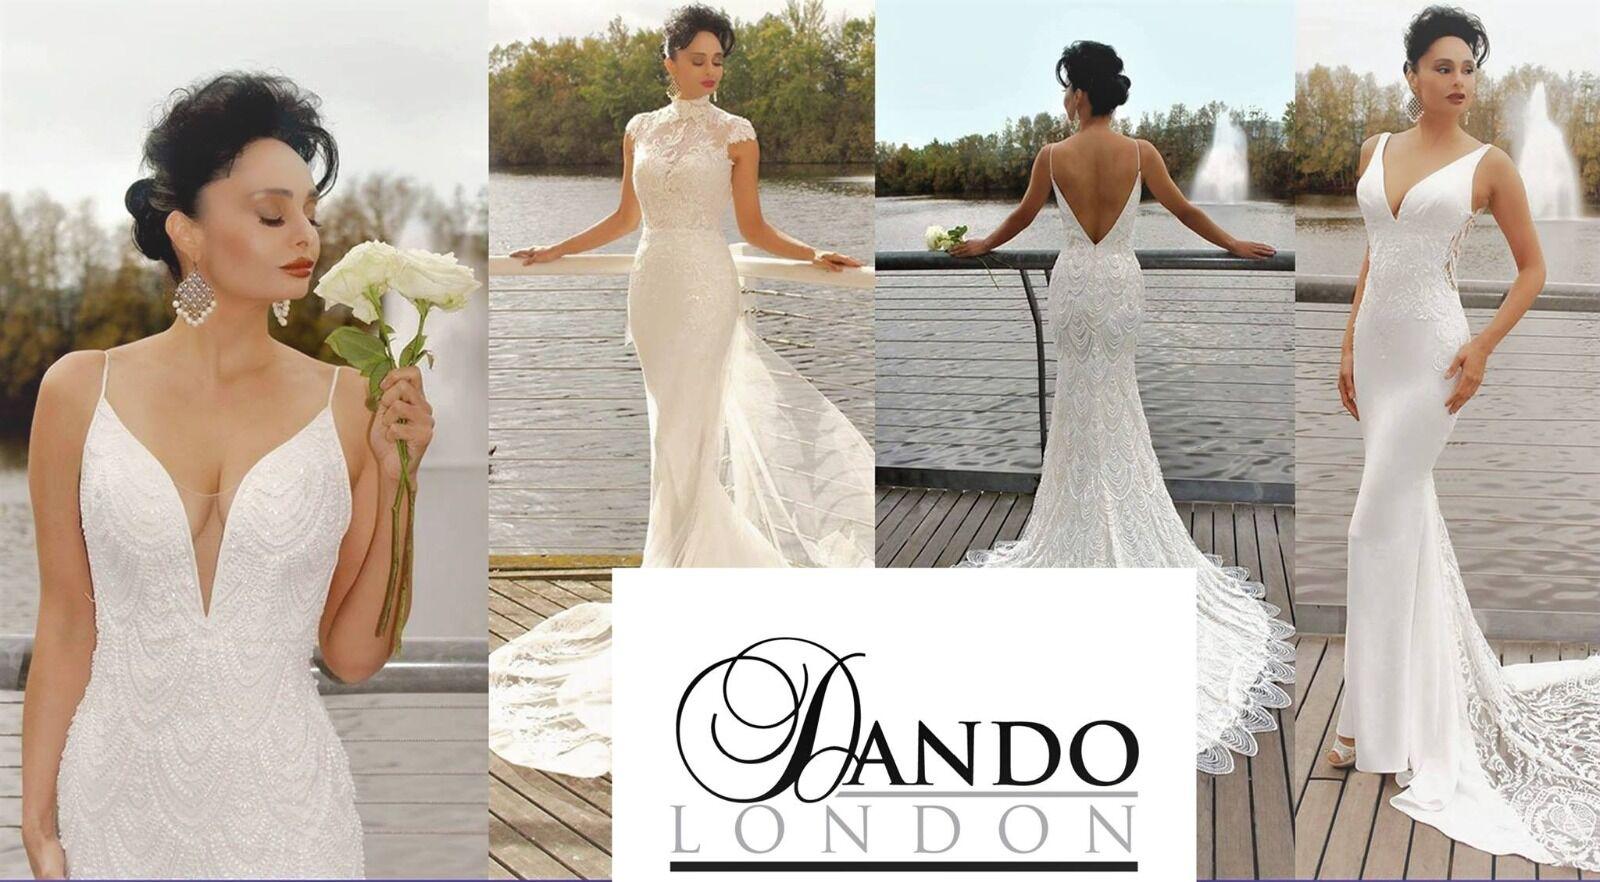 Dando London Bridals